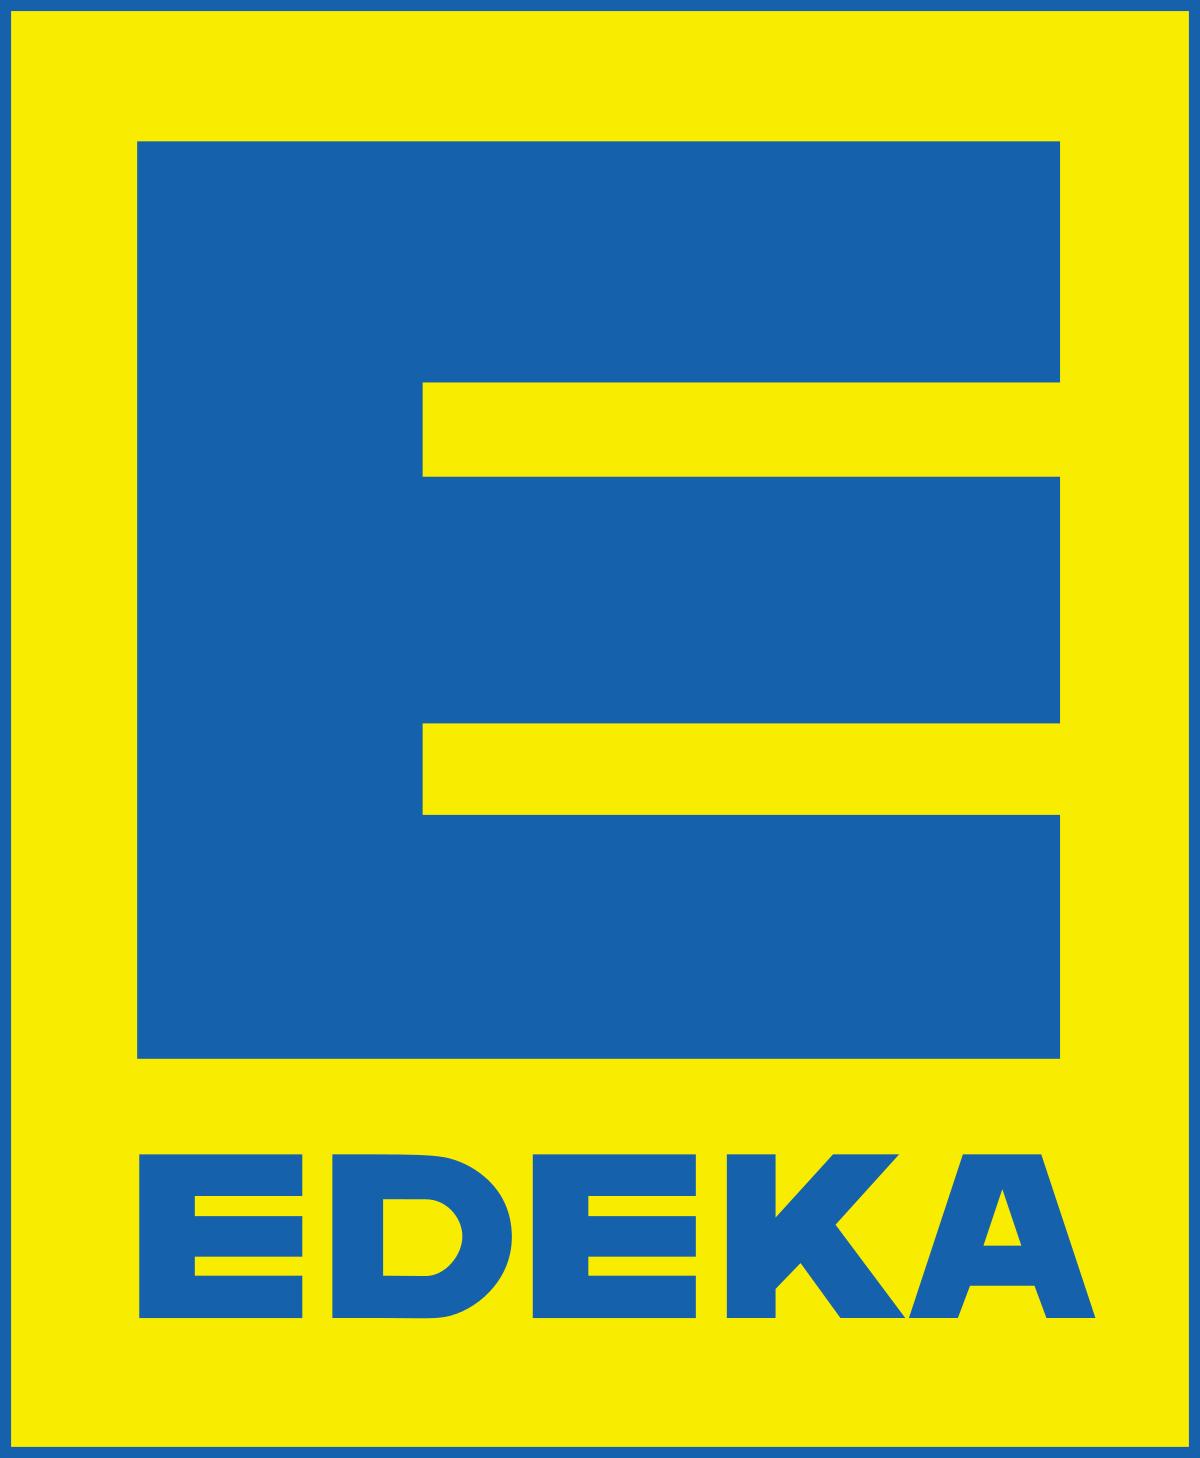 -20% auf alles! Räumungsverkauf Edeka Silberstedt (24887)